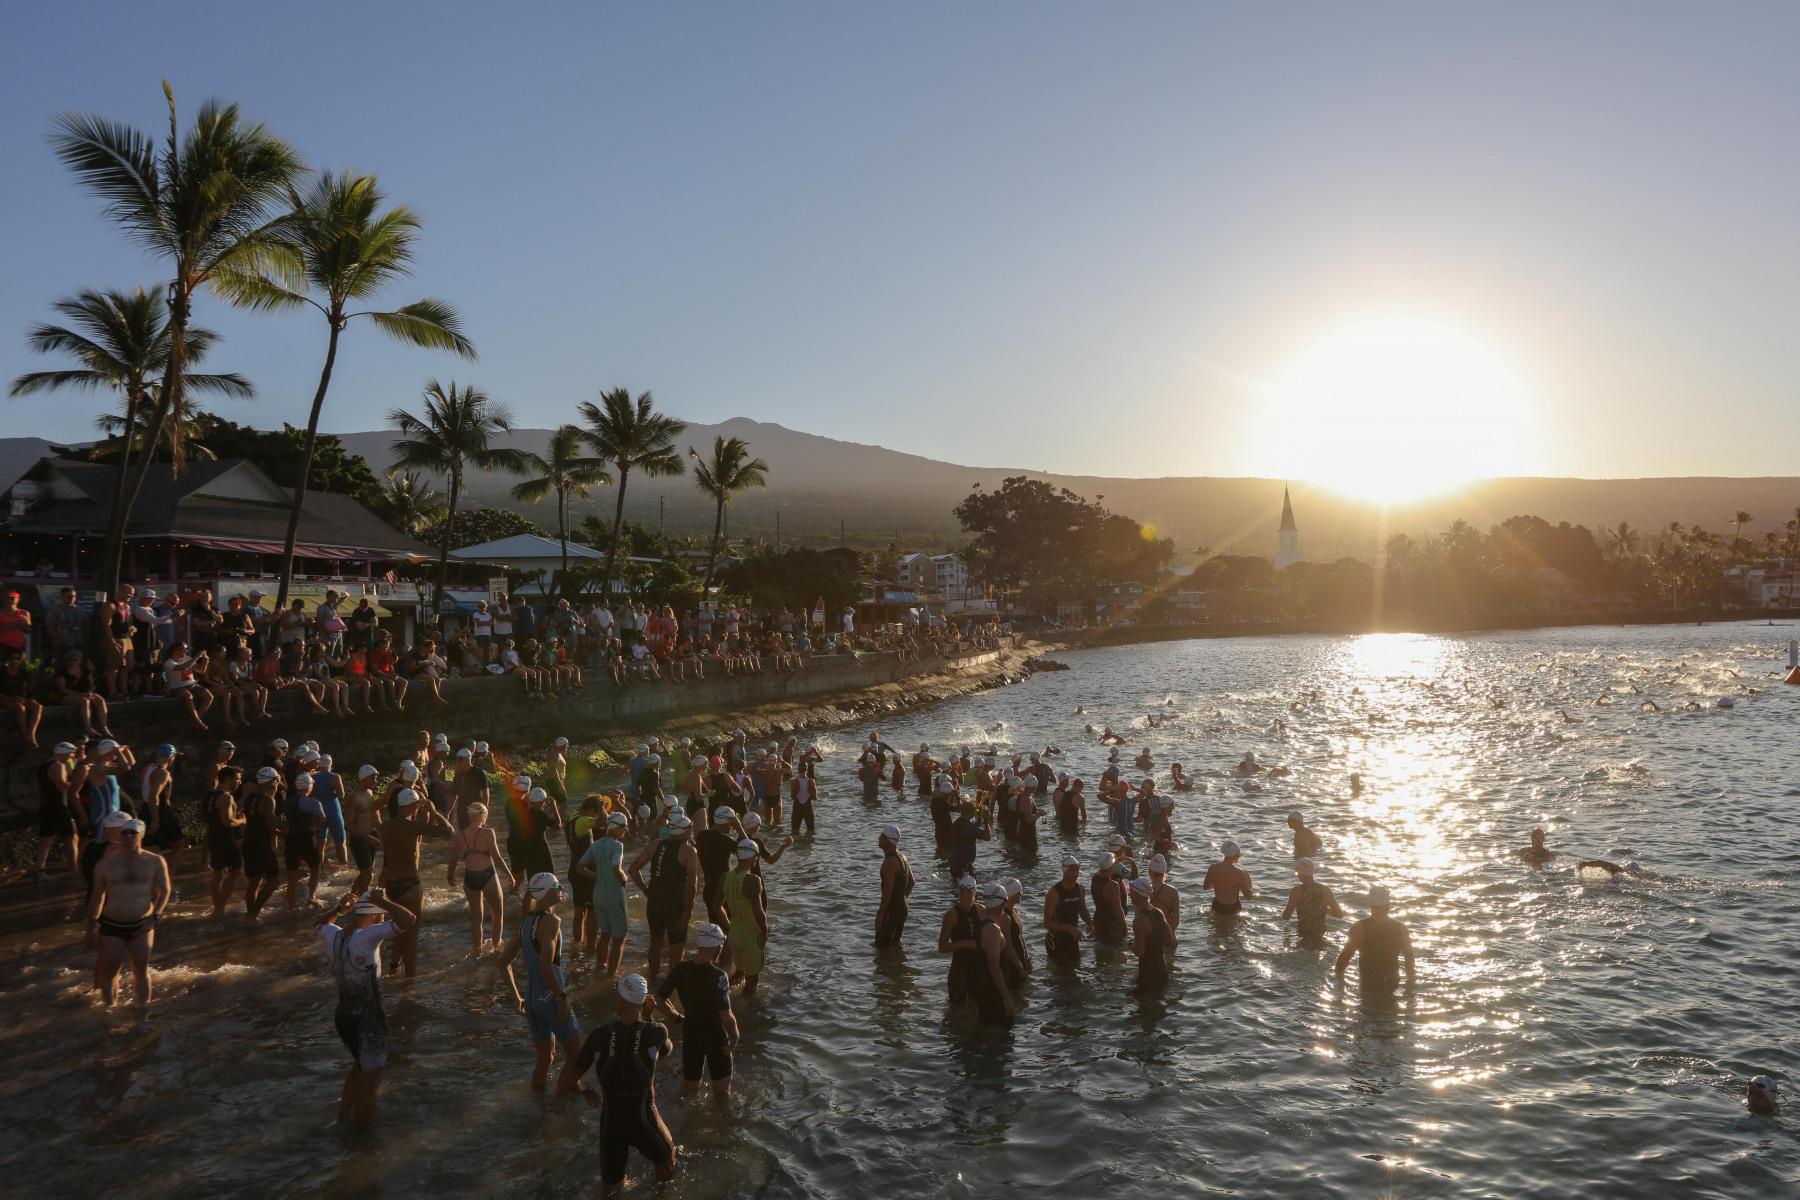 Die ersten Athleten schwimmen zur Startlinie.